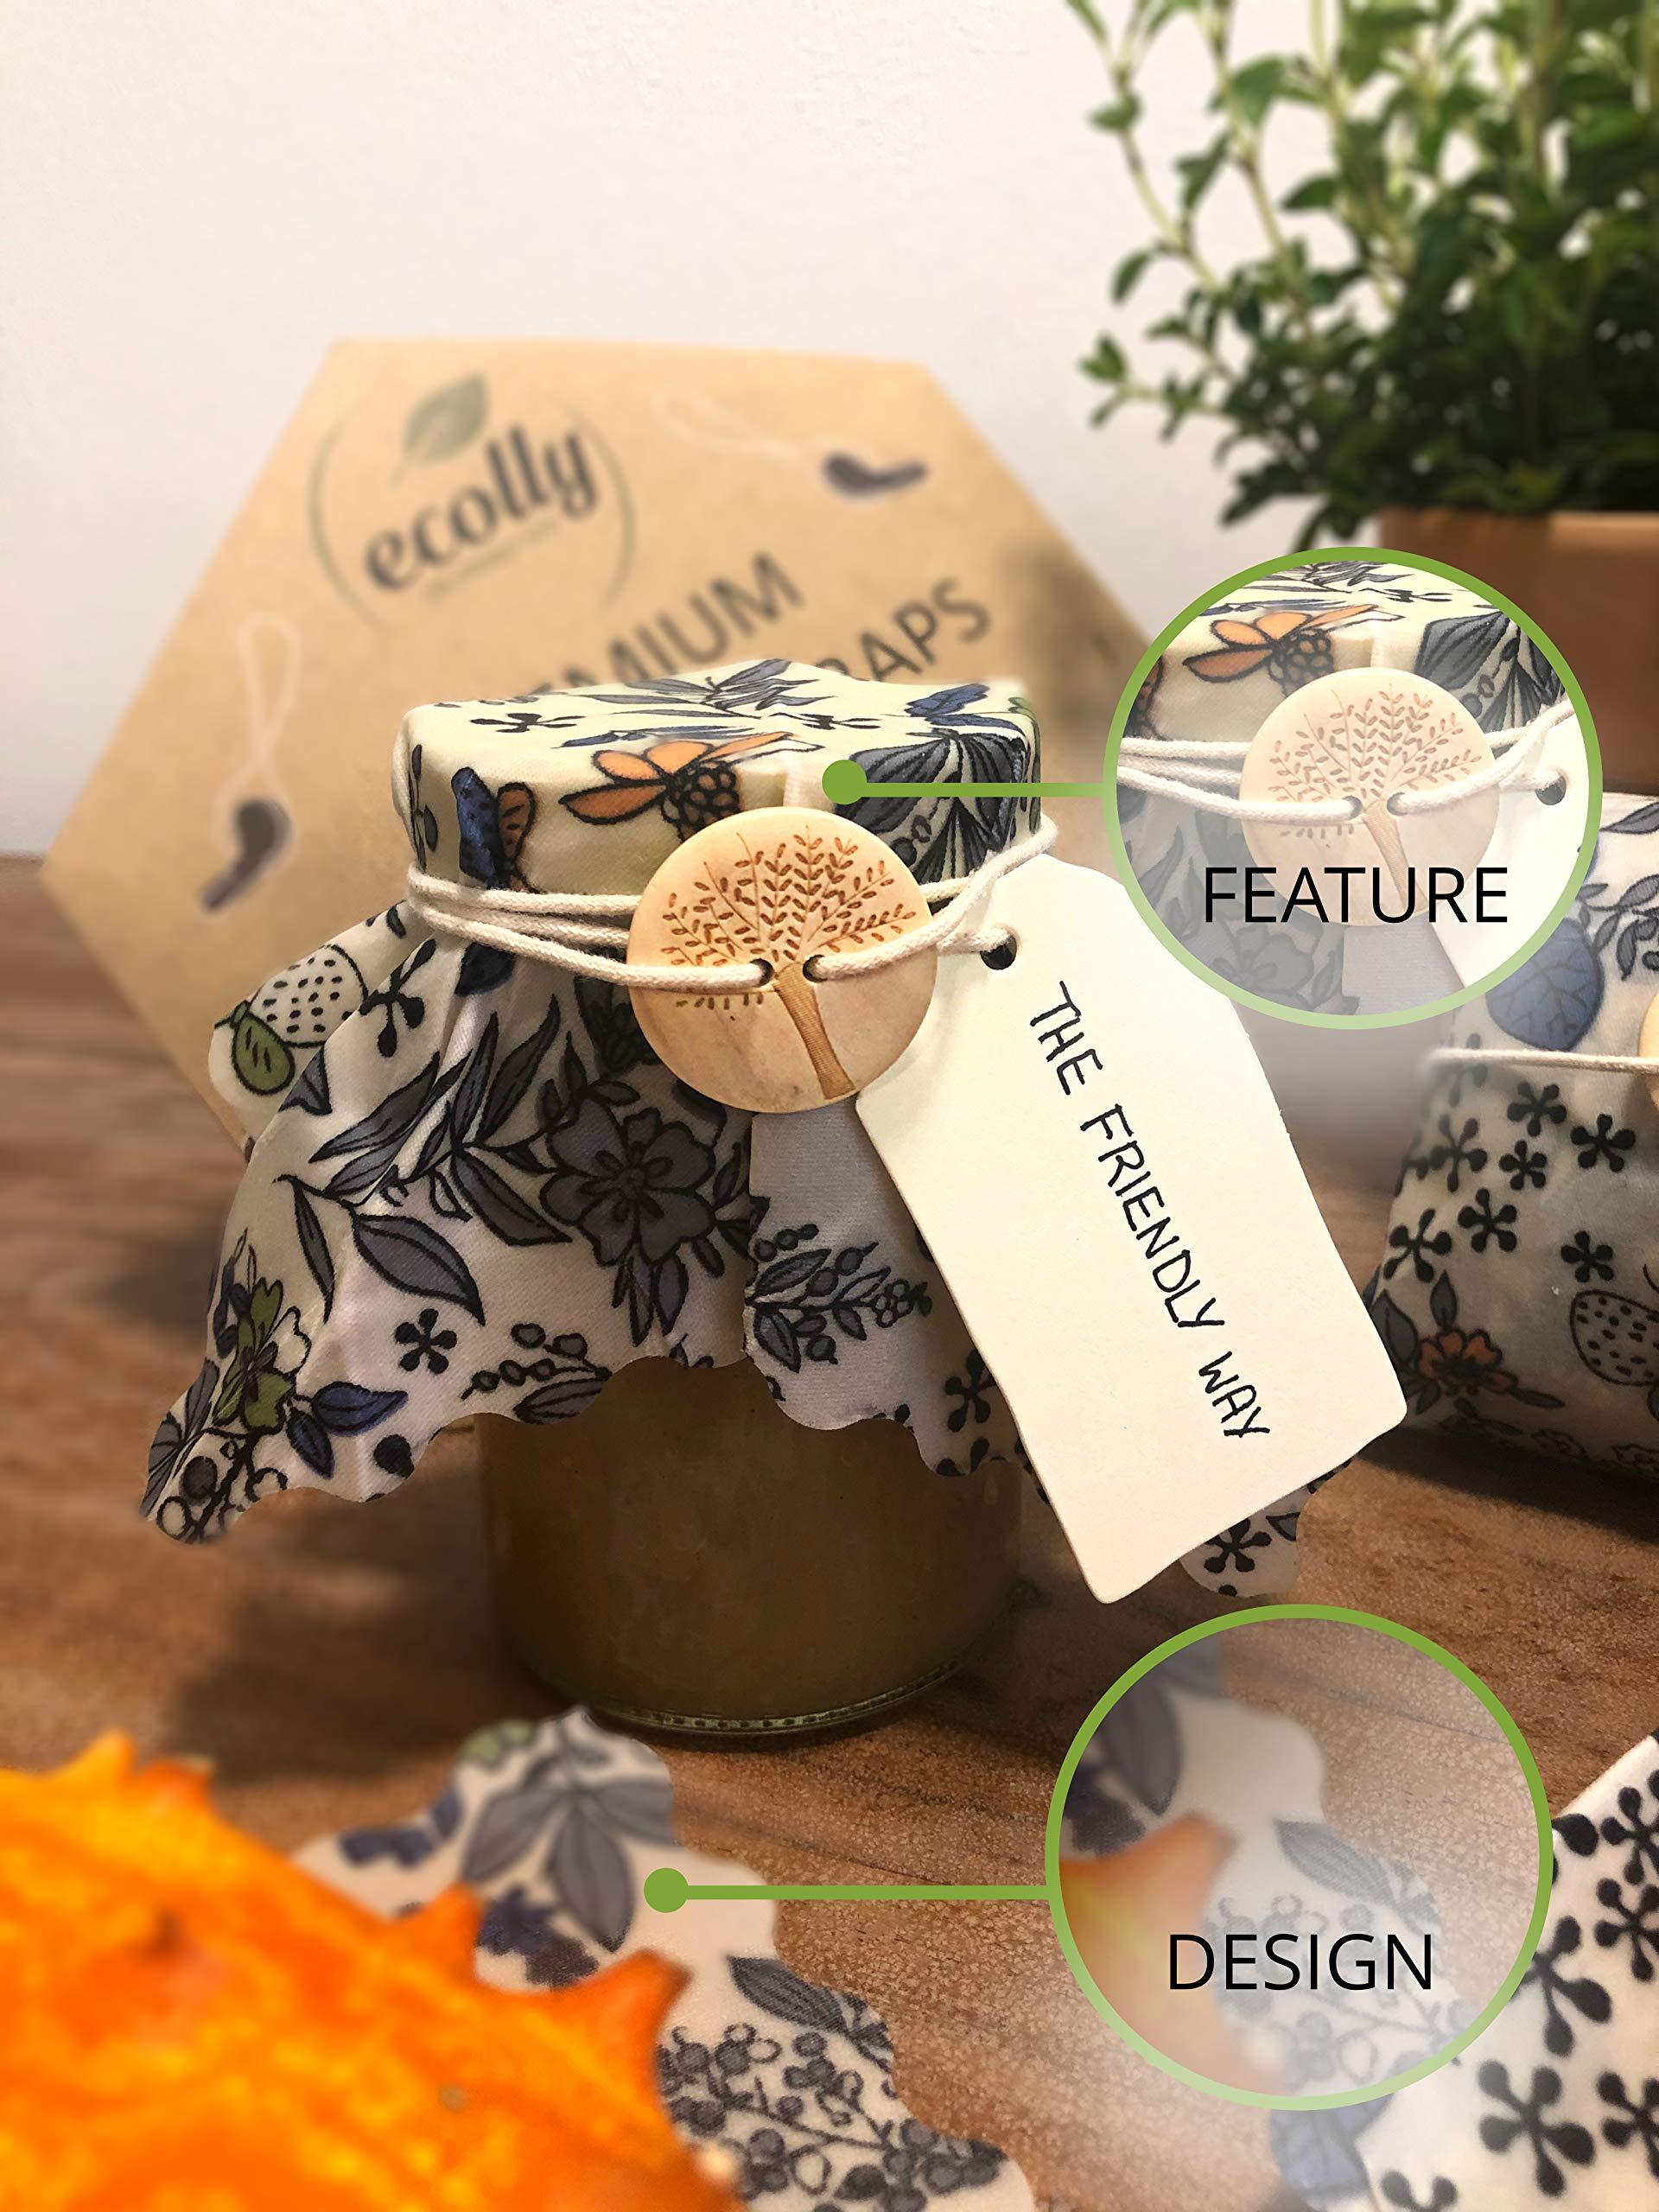 Ecolly® Lingettes à la Cire d\'abeille I Papier à la Cire d\'abeille I Premium Wax Wraps Wraps I sans Plastique et réutilisables I Lot de 3 (S, M, L)